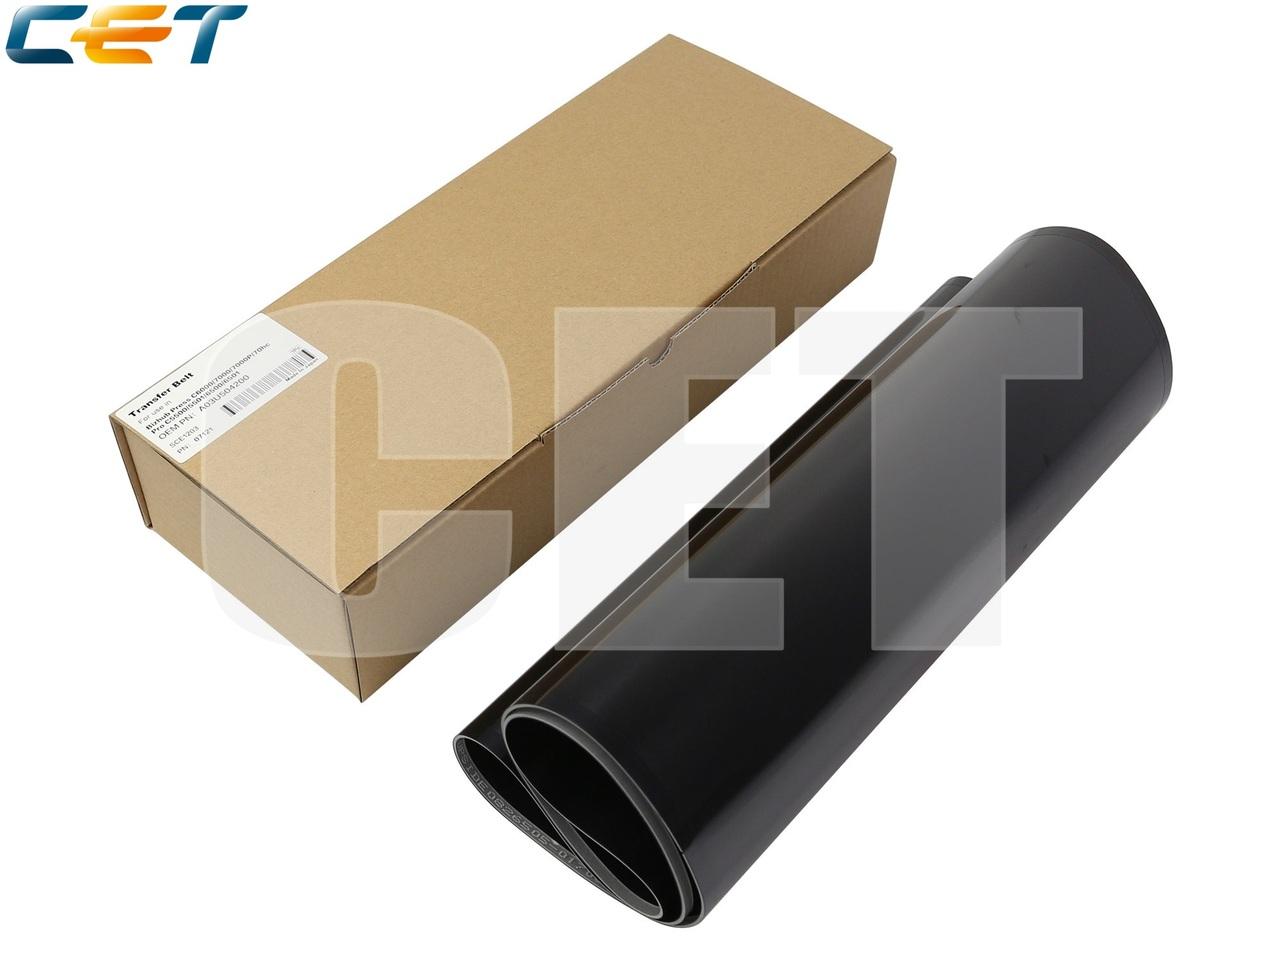 Лента переноса A03U504200 для KONICA MINOLTA BizhubPRESS C6000/C7000/C7000P (CET), CET7121